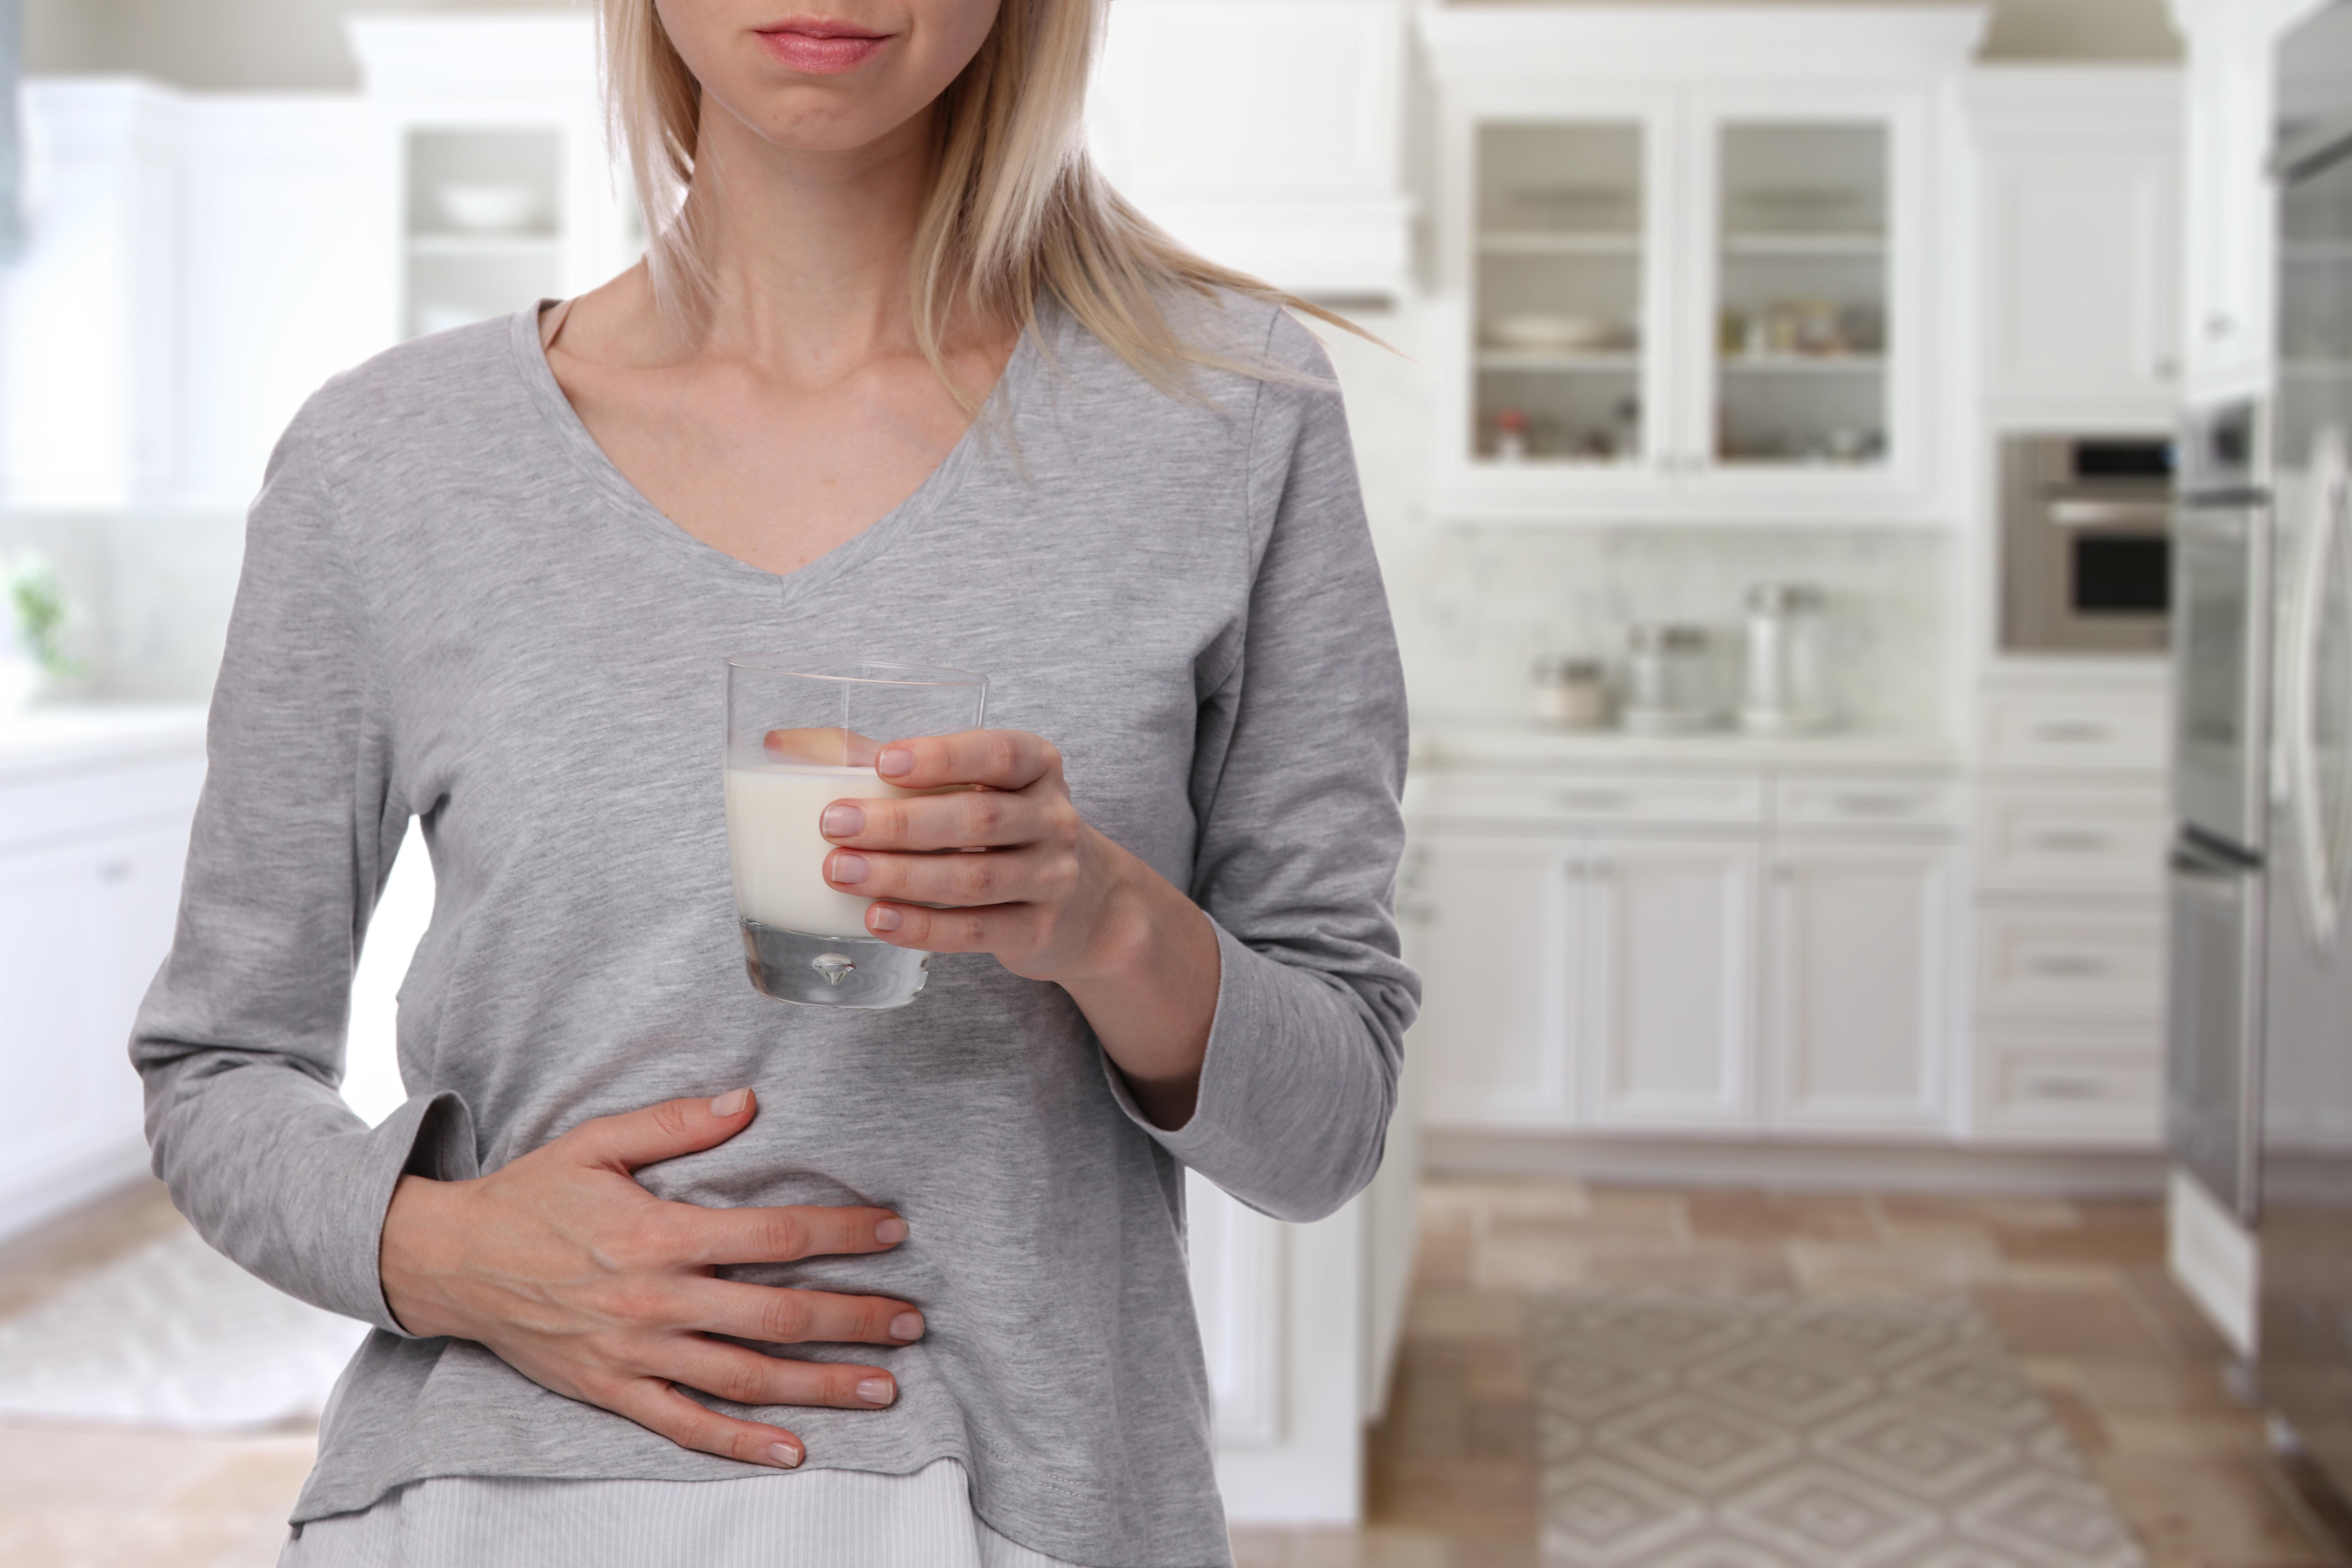 hvordan har manx smerter øverst i magen